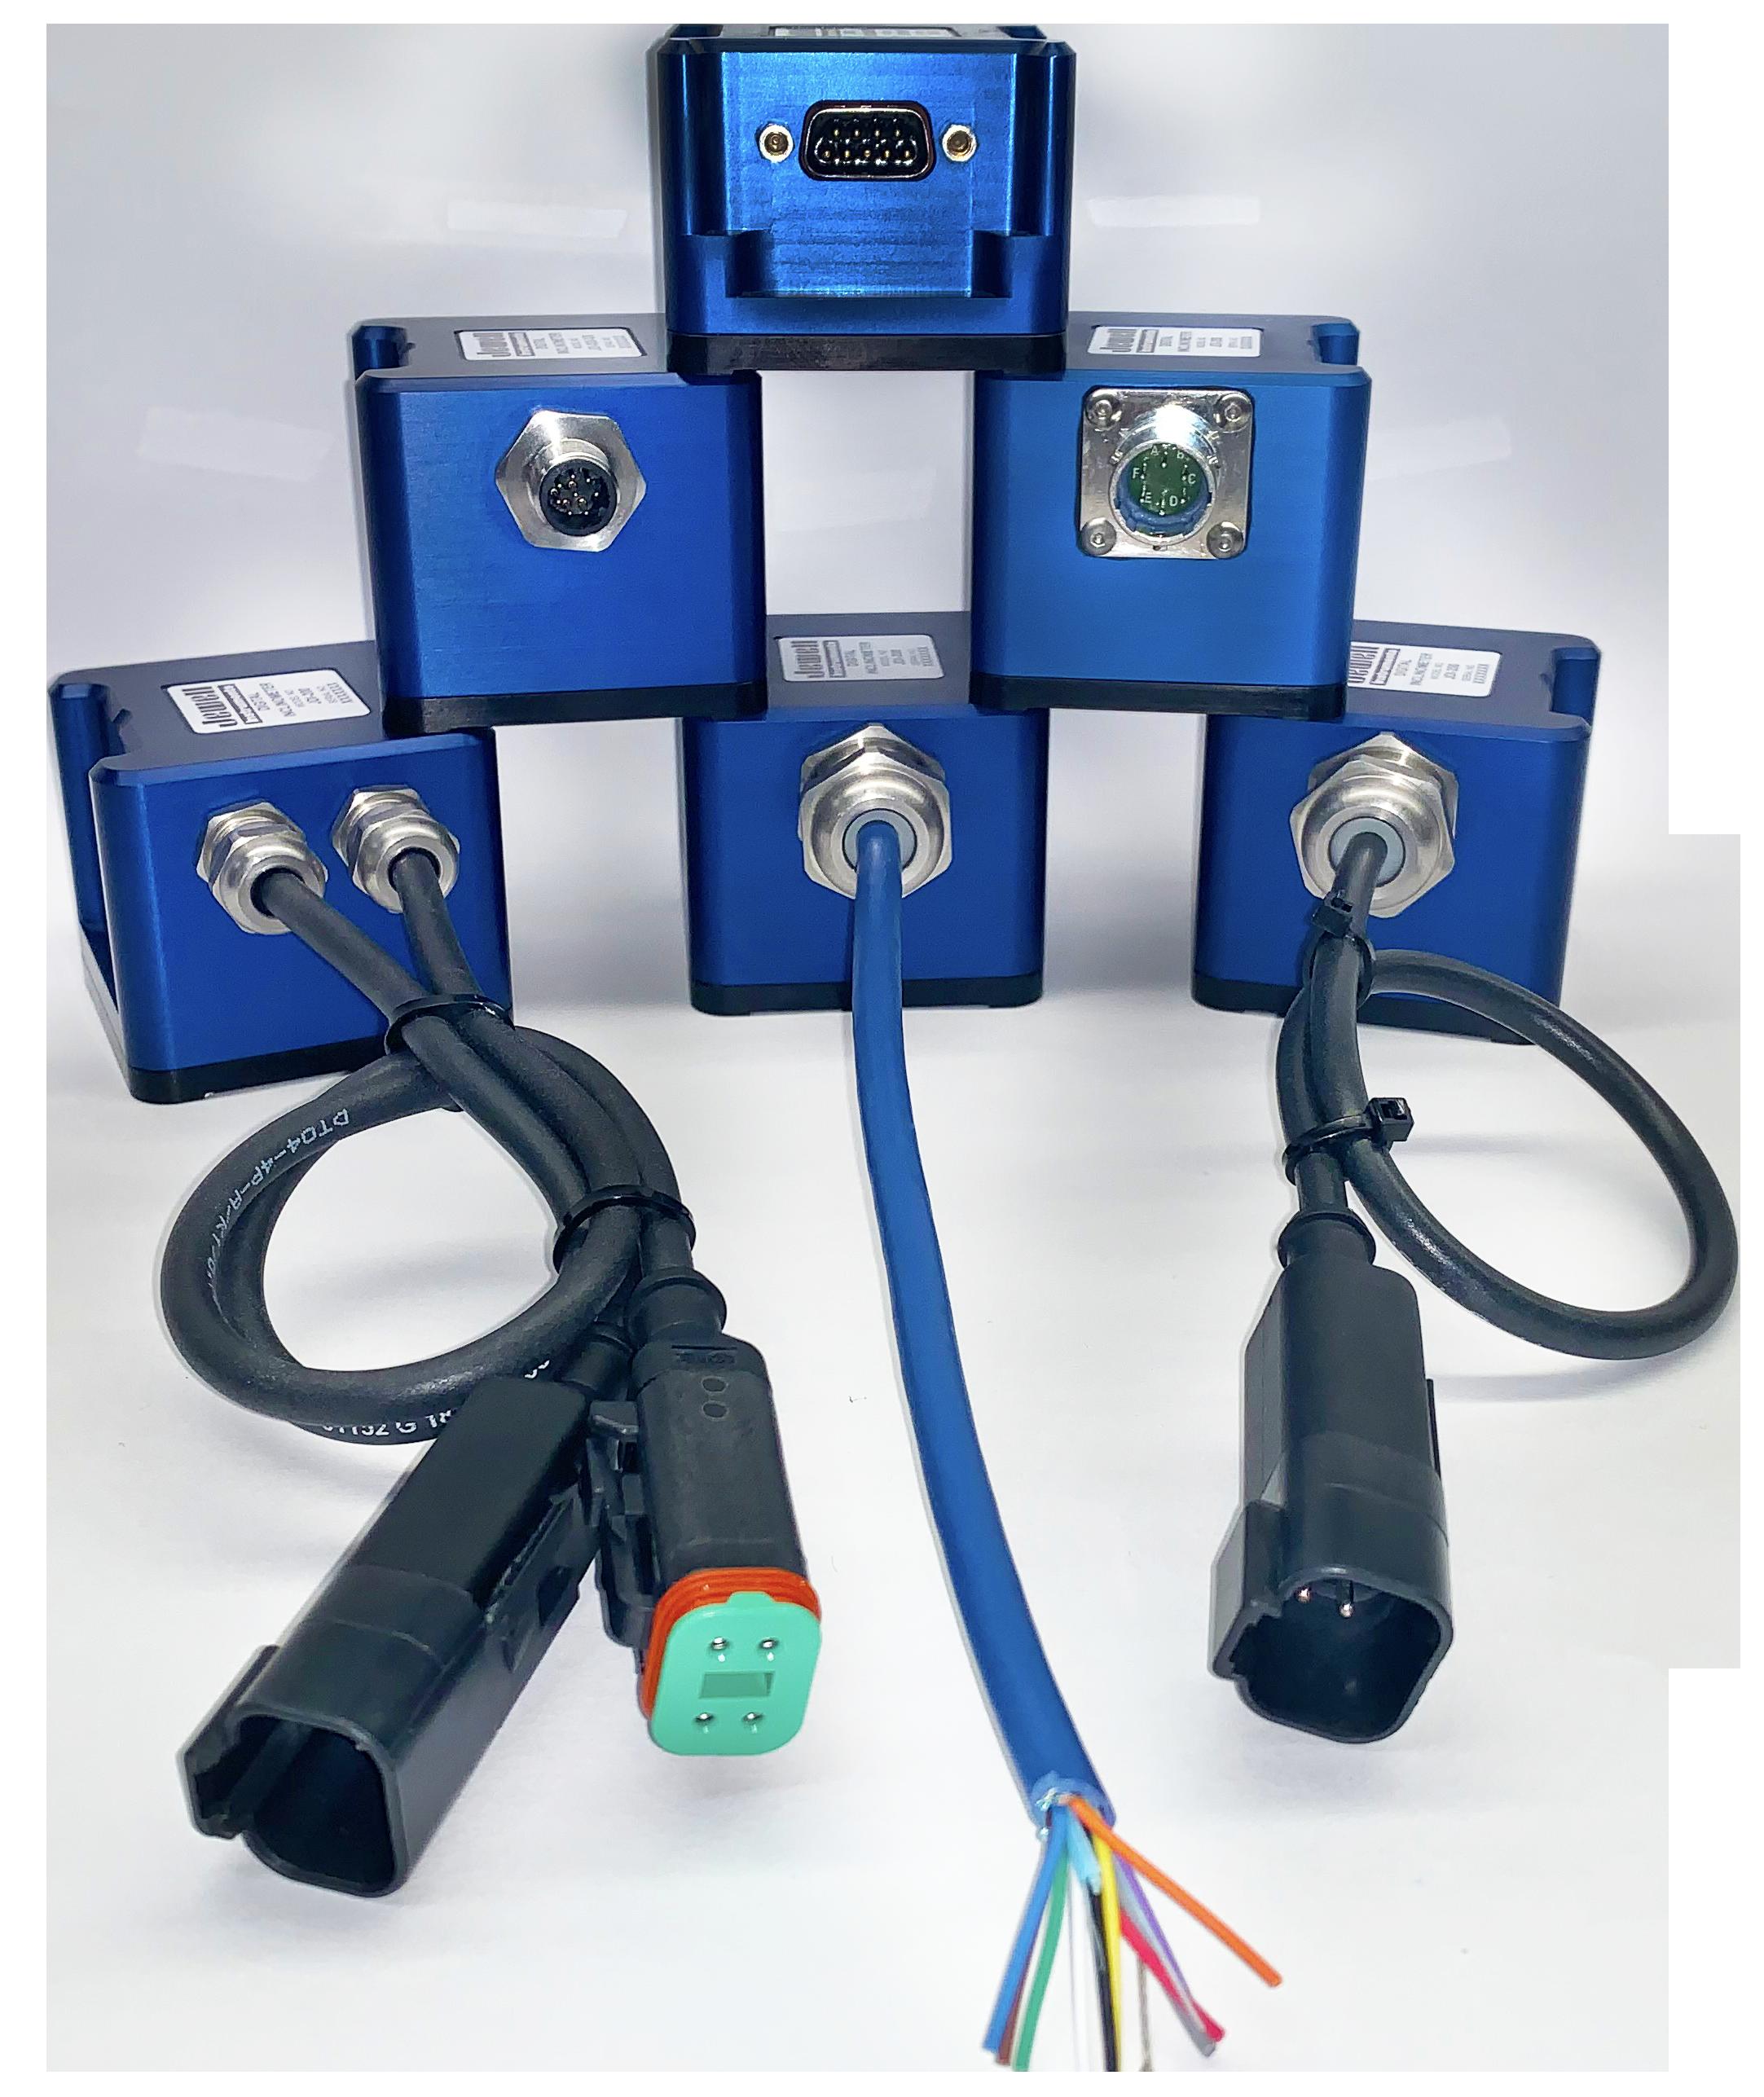 JDI Series – Digital MEMS Inclinometer